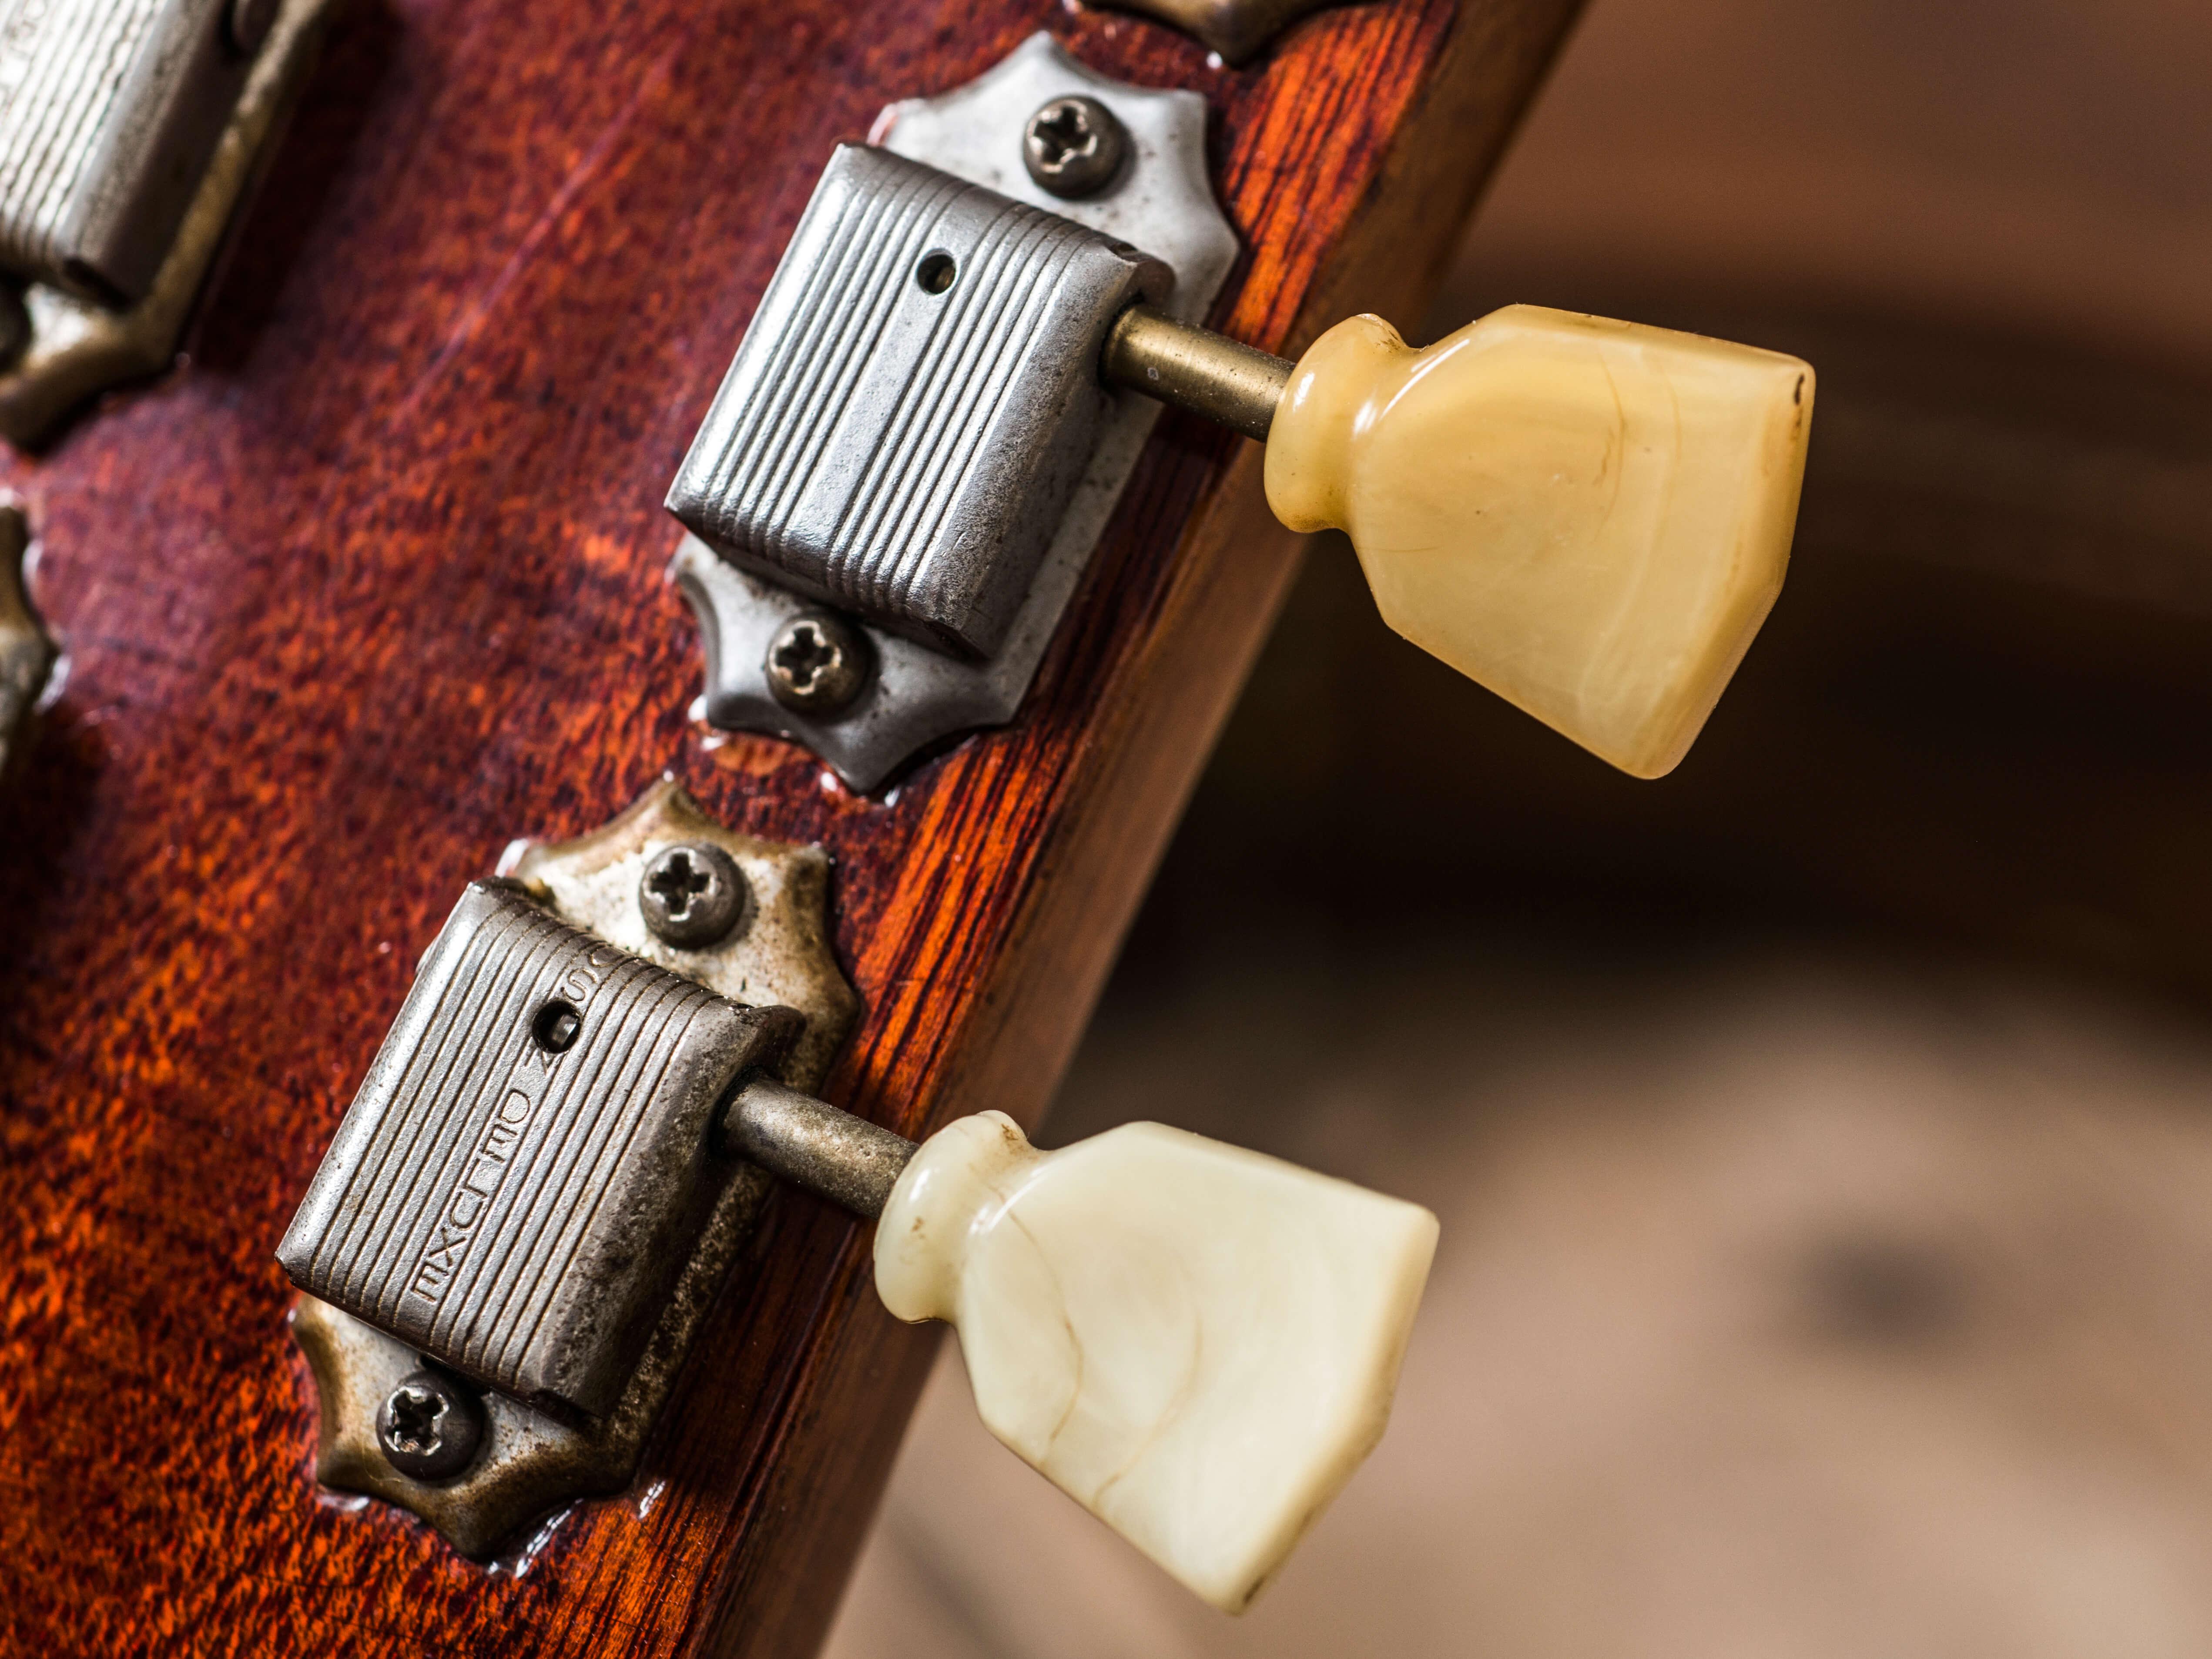 Gary Richrath 1959 Gibson Les Paul kluson tuners